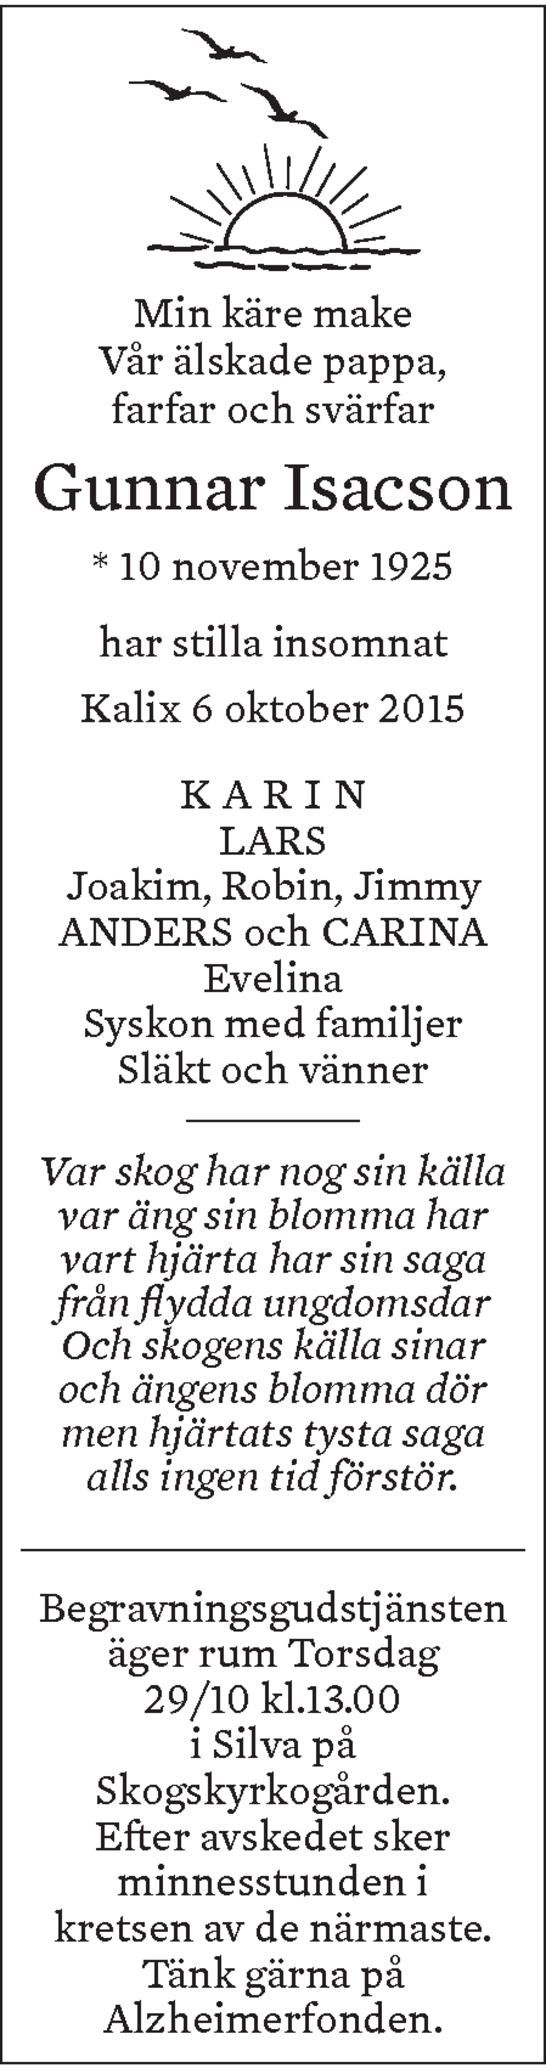 Pålänge's egna författare, redaktör, journalist och livsnutaren Gunnar Isacson. Du kommer alltid att vara älskad och hyllad för dina böcker! <3